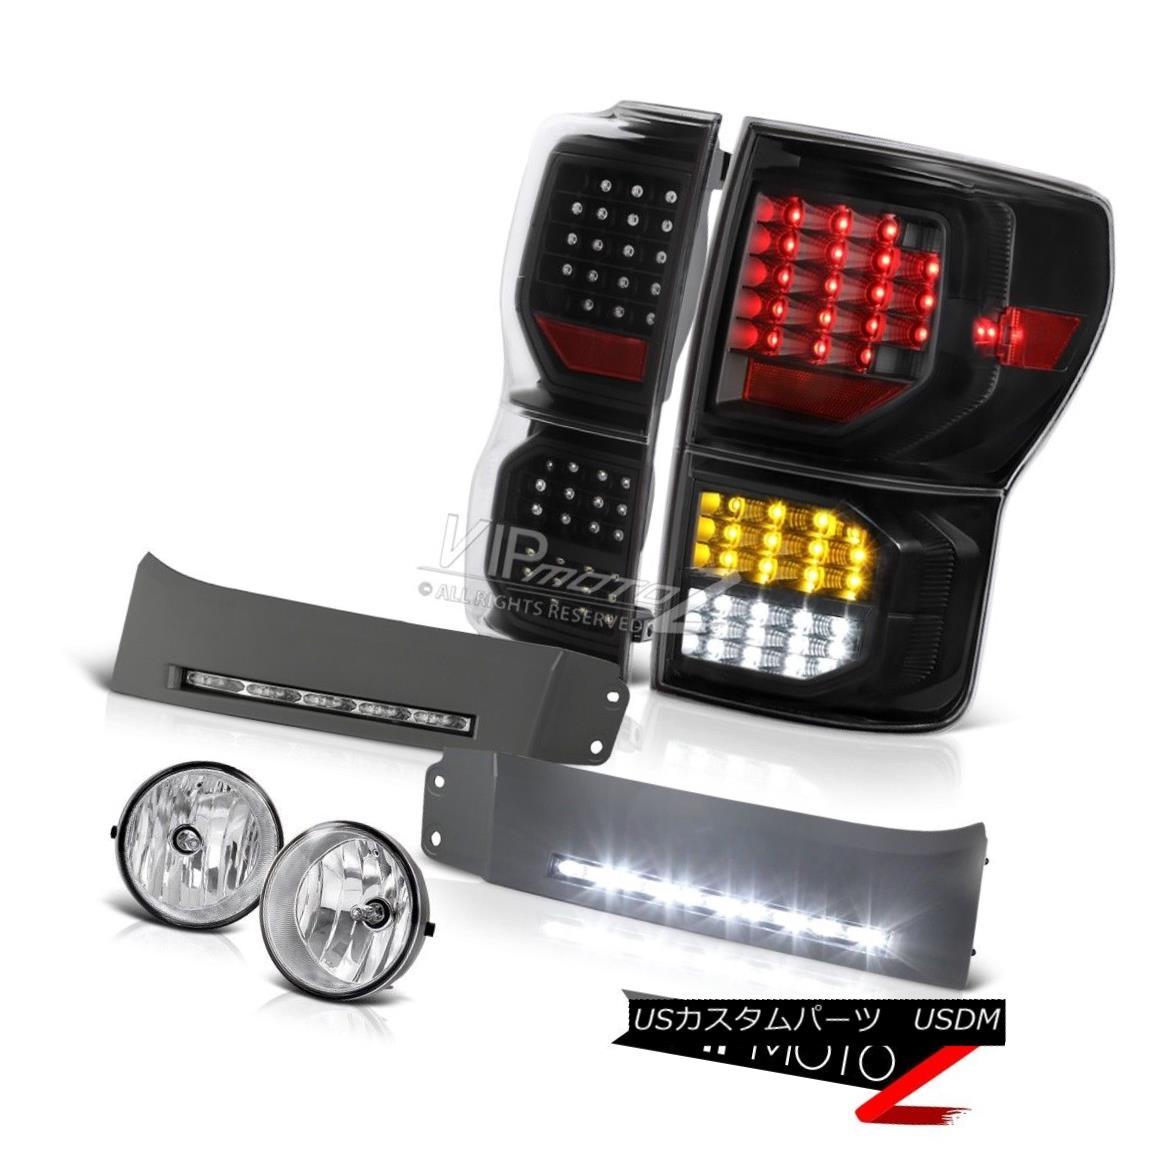 テールライト 2007-2013 Toyota Tundra Platinum Taillamps DRL Strip Fog Lights LED